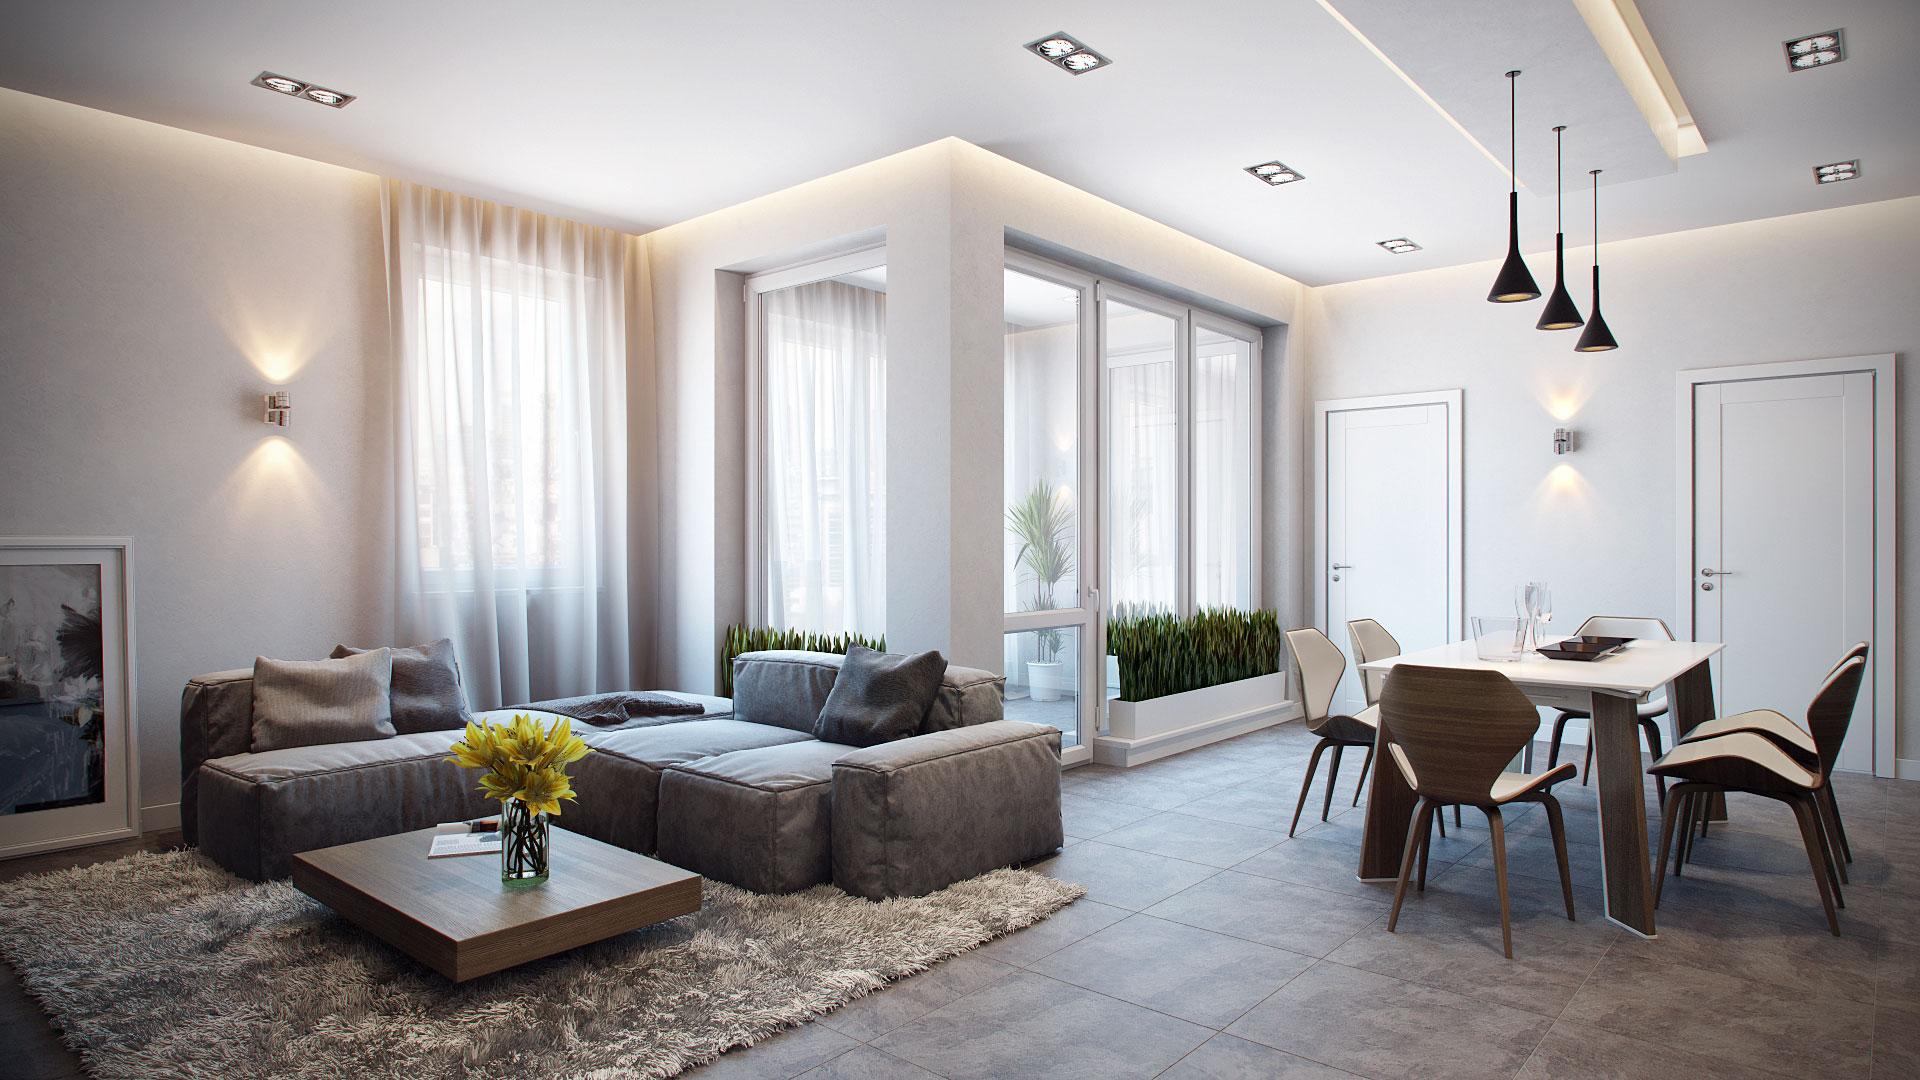 Лучшие дизайн квартир